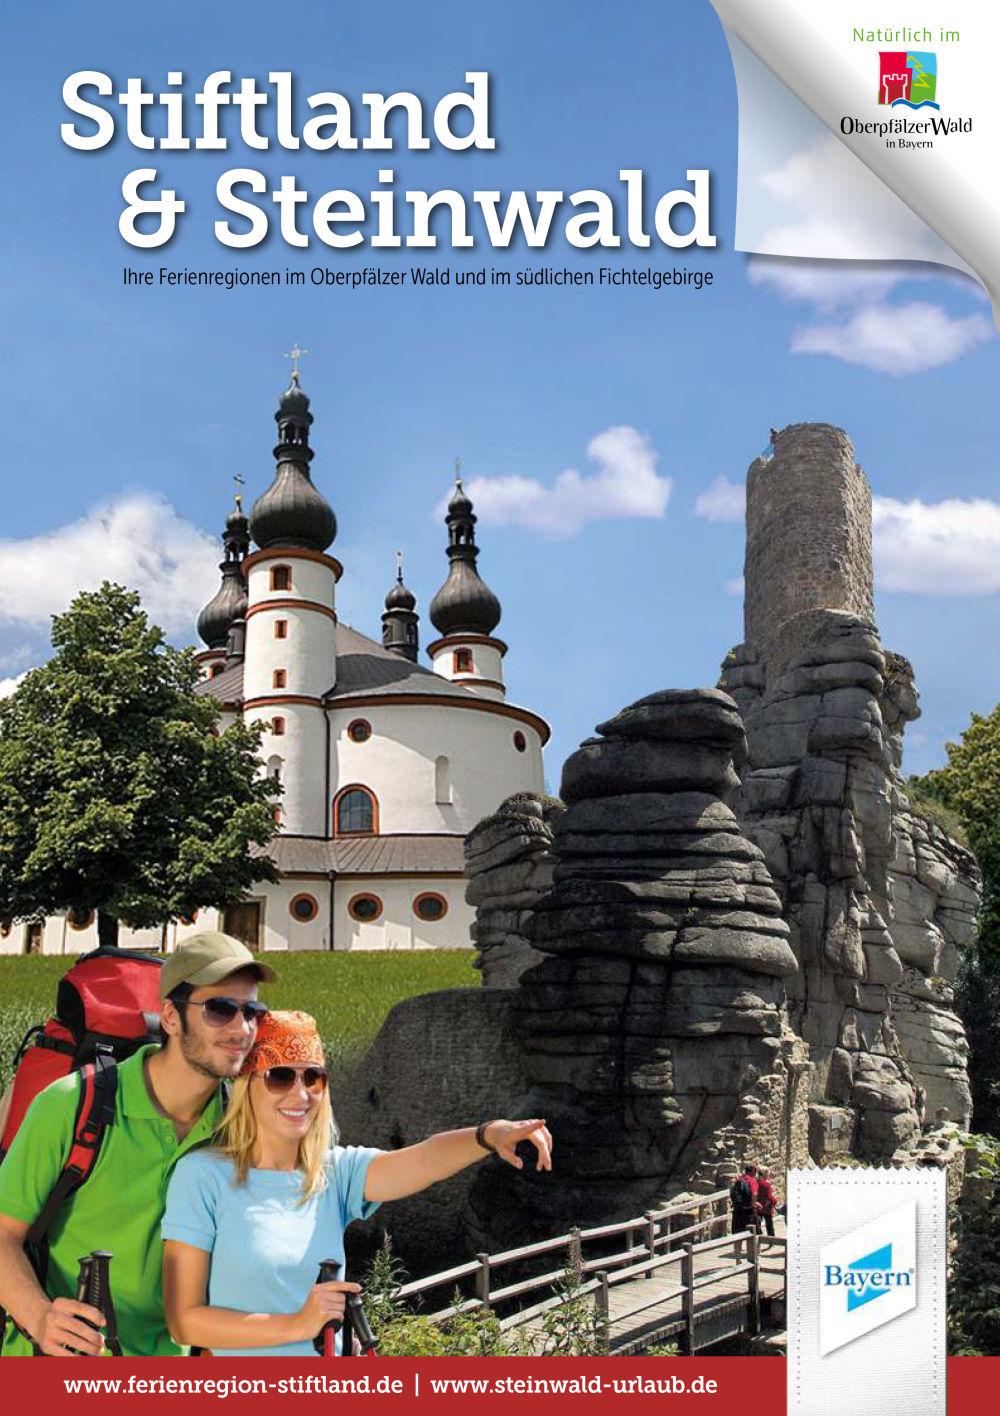 Stiftland_Steinwald-Prospekt-2018-1